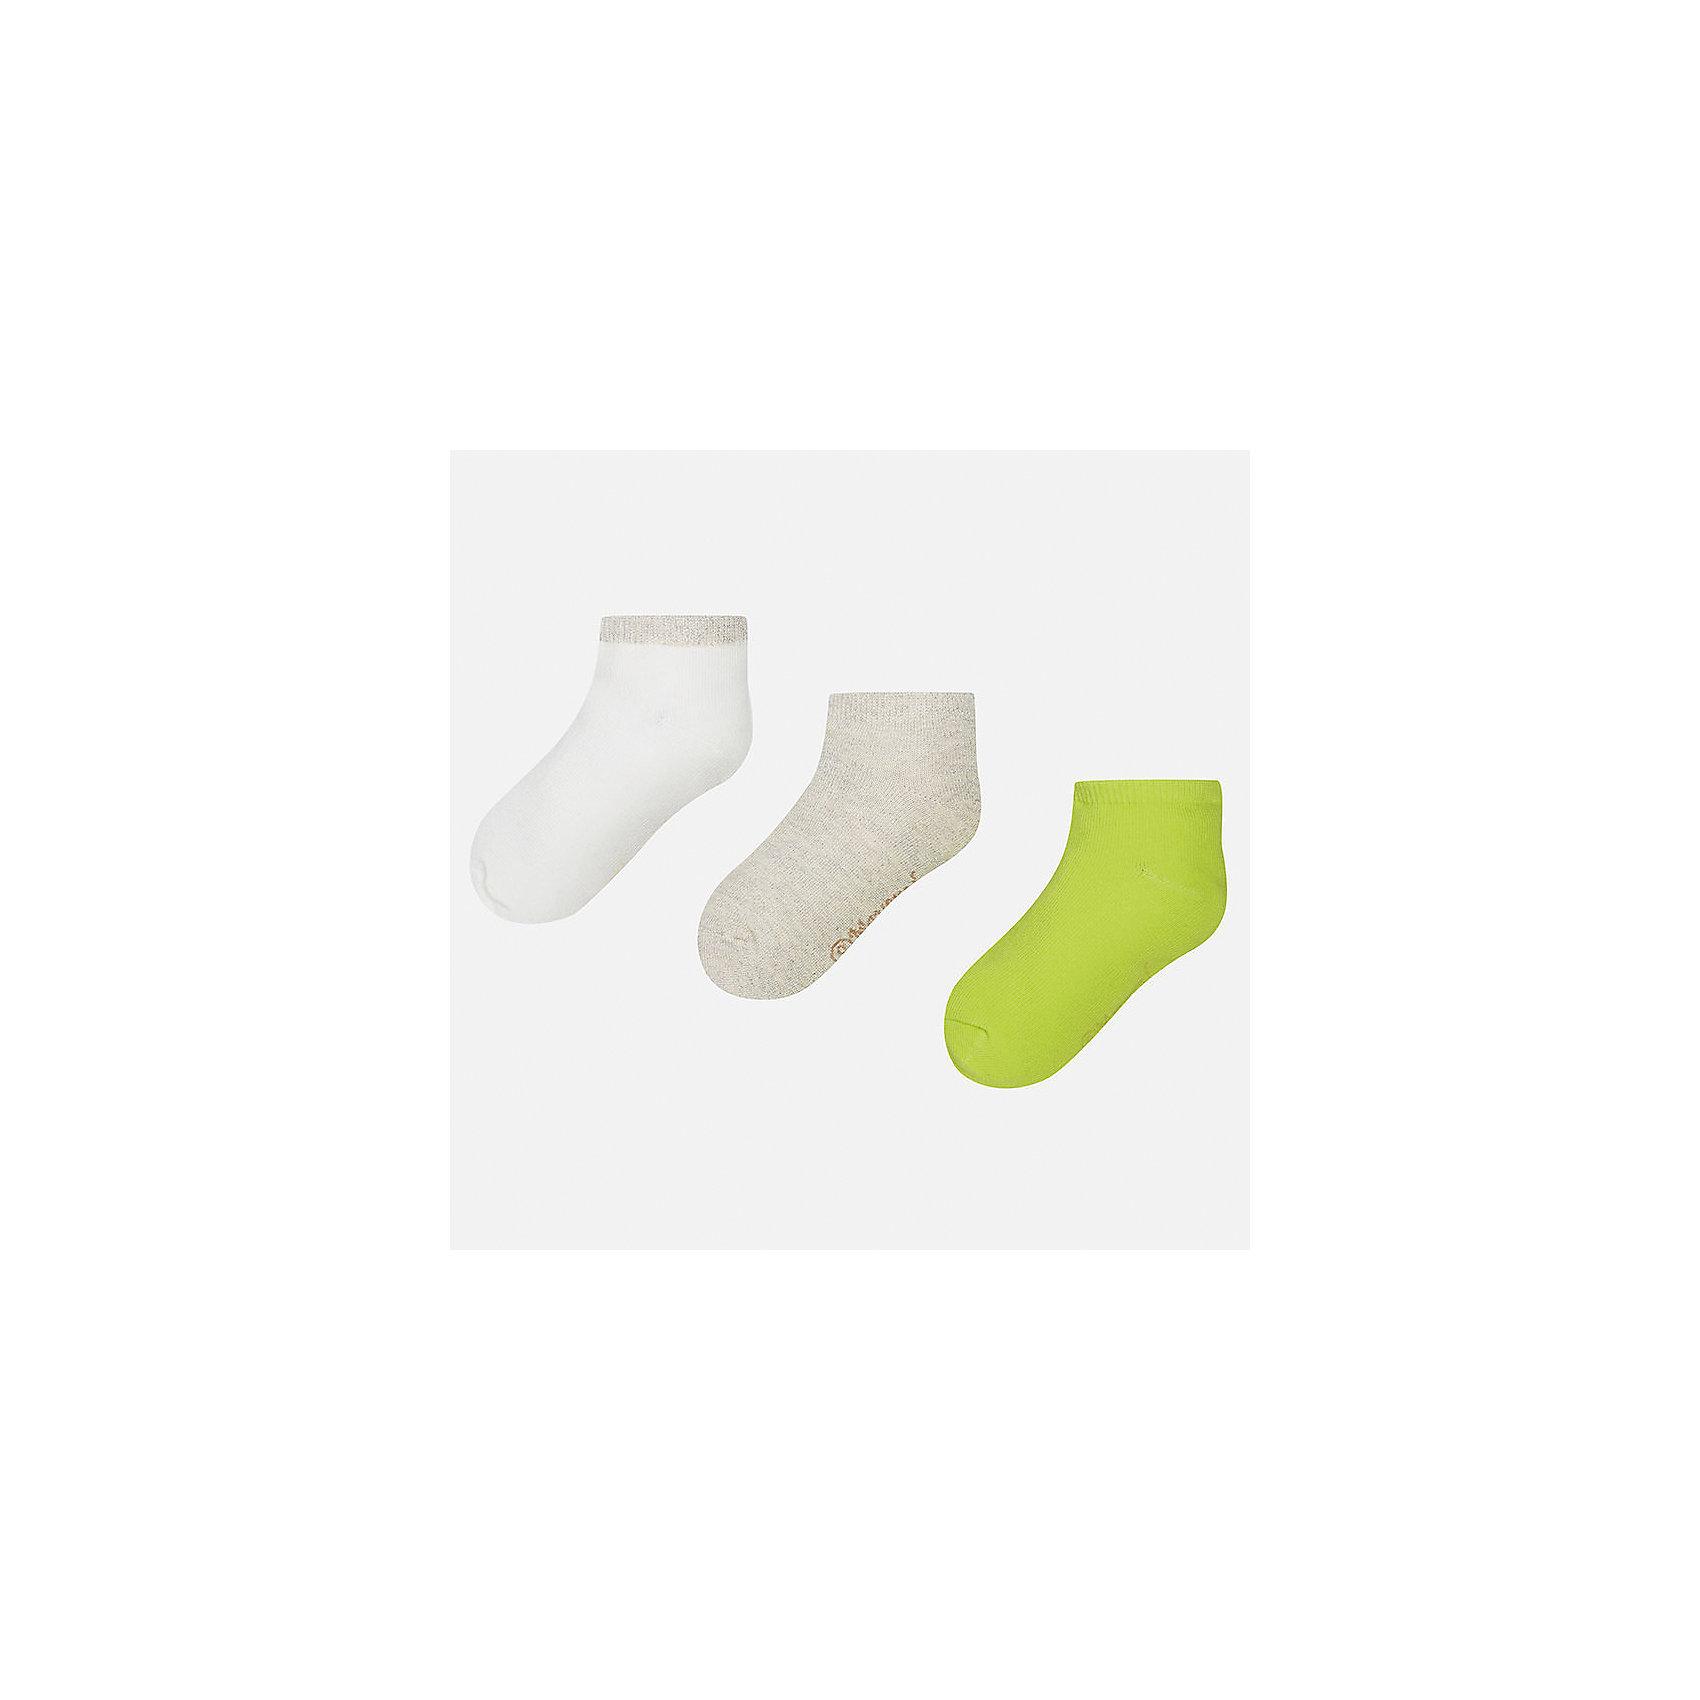 Носки (3 пары) для девочки MayoralНоски<br>Характеристики товара:<br><br>• цвет: белый/серый/зеленый<br>• состав: 74% хлопок, 20% полиэстер, 3% полиамид, 3% эластан<br>• комплектация: три пары<br>• мягкая резинка<br>• эластичный материал<br>• однотонные<br>• страна бренда: Испания<br><br>Удобные симпатичные носки для девочки помогут обеспечить ребенку комфорт и дополнить наряд. Универсальный цвет позволяет надевать их под обувь разных расцветок. Носки удобно сидят на ноге и красиво смотрятся. В составе материала - натуральный хлопок, гипоаллергенный, приятный на ощупь, дышащий. <br><br>Одежда, обувь и аксессуары от испанского бренда Mayoral полюбились детям и взрослым по всему миру. Модели этой марки - стильные и удобные. Для их производства используются только безопасные, качественные материалы и фурнитура. Порадуйте ребенка модными и красивыми вещами от Mayoral! <br><br>Носки (3 пары) для девочки от испанского бренда Mayoral (Майорал) можно купить в нашем интернет-магазине.<br><br>Ширина мм: 87<br>Глубина мм: 10<br>Высота мм: 105<br>Вес г: 115<br>Цвет: разноцветный<br>Возраст от месяцев: 84<br>Возраст до месяцев: 96<br>Пол: Женский<br>Возраст: Детский<br>Размер: 8,10,12,14,16<br>SKU: 5293539